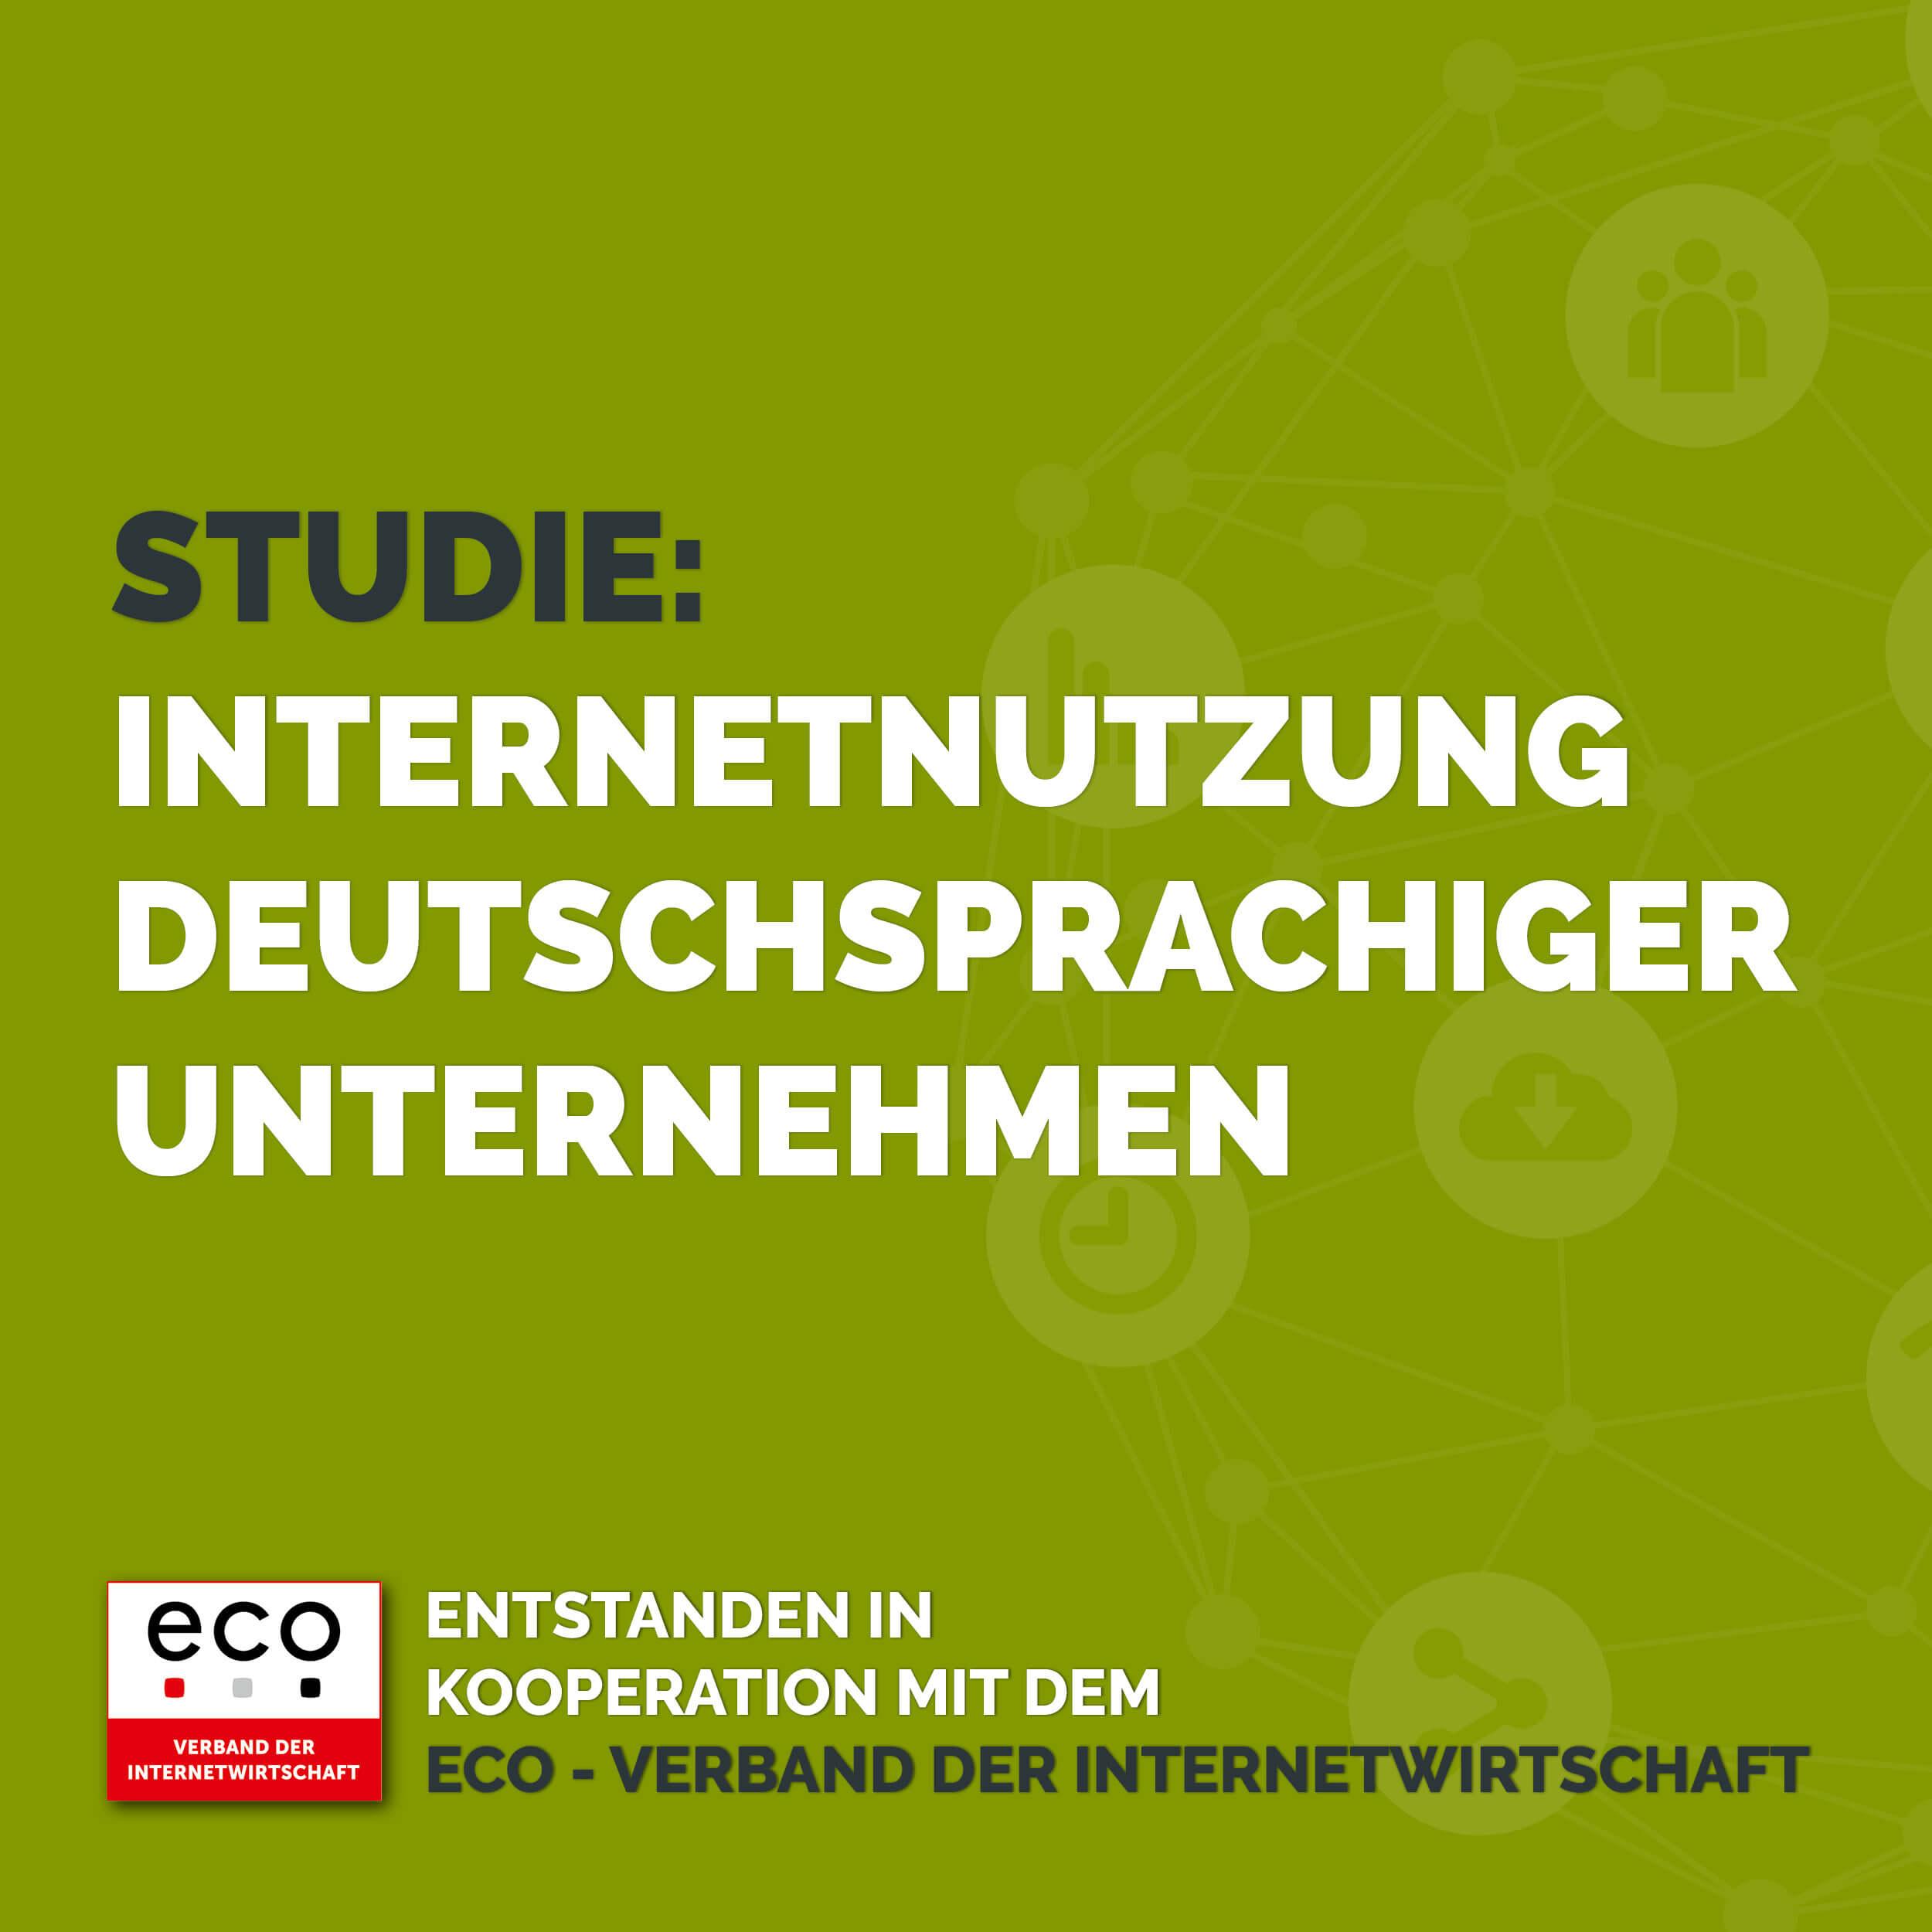 Internetnutzung deutschsprachiger Unternehmen